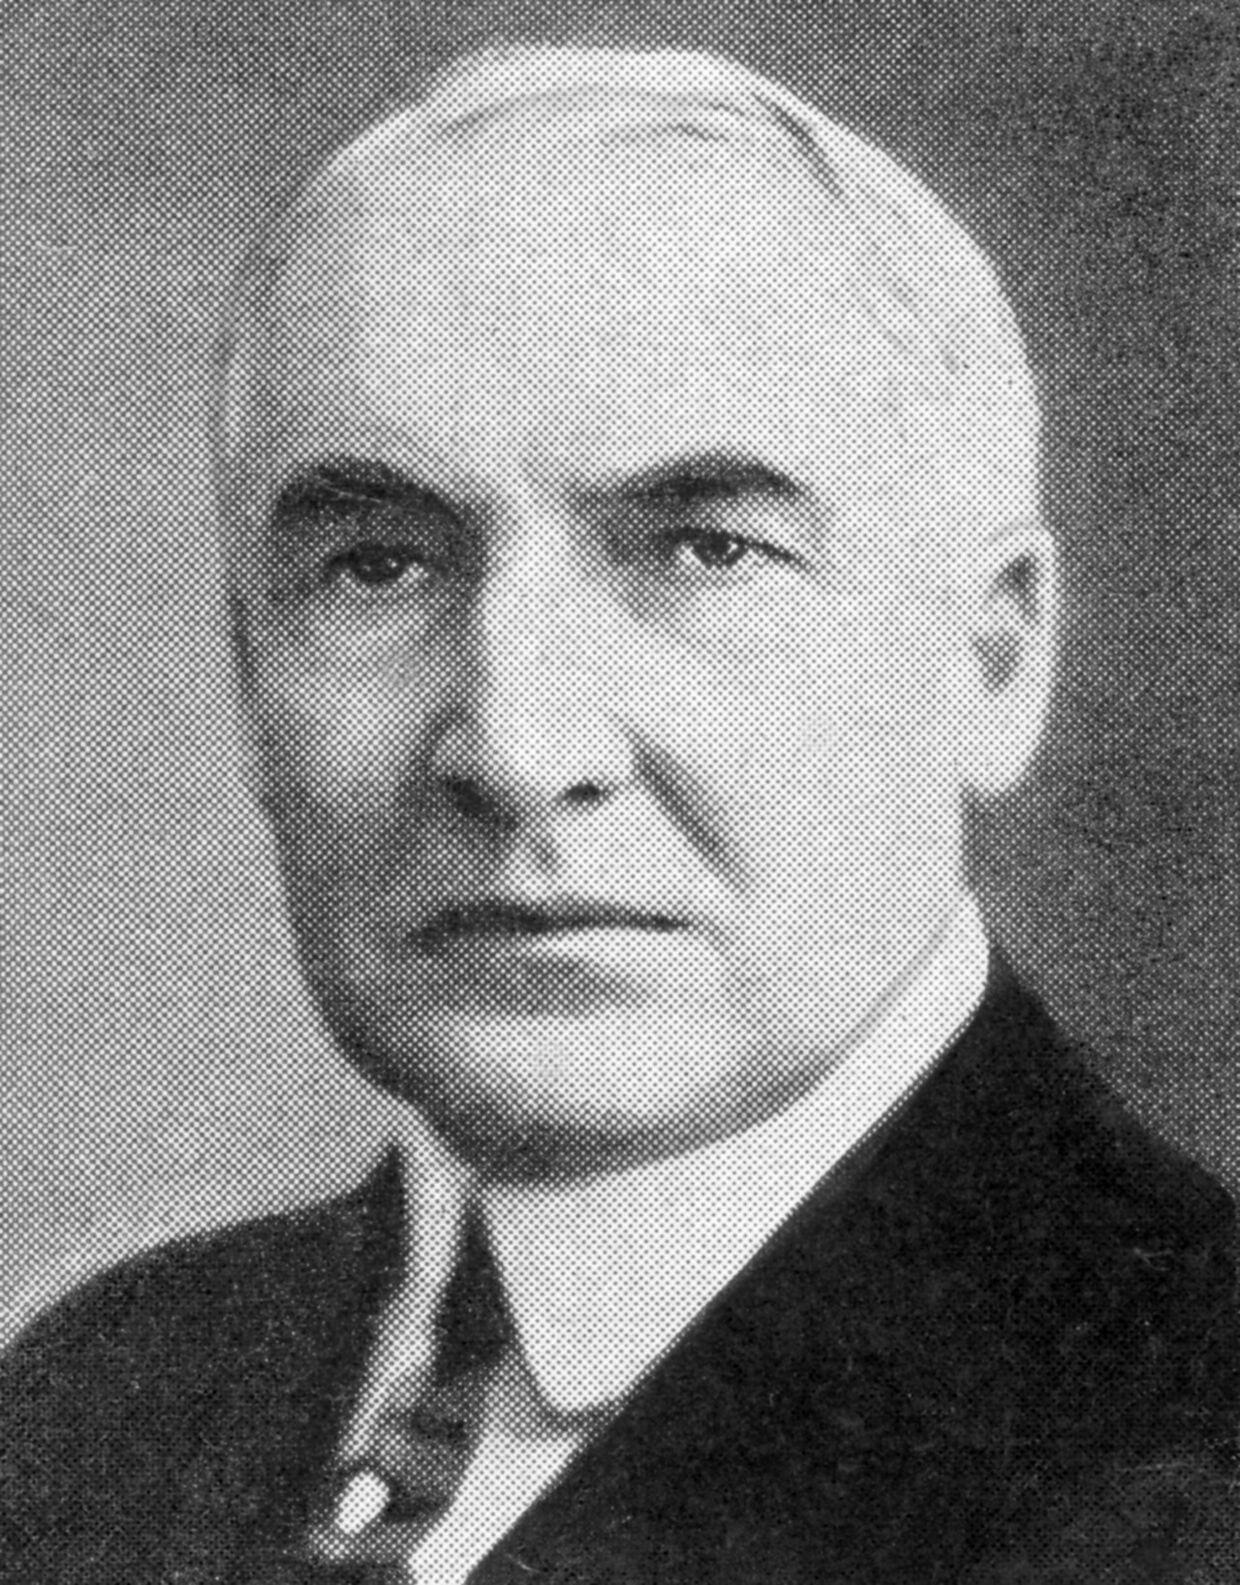 Warren Harding (1865-1923), amerikansk præsident fra 1921-1923. (Udateret arkivfoto).